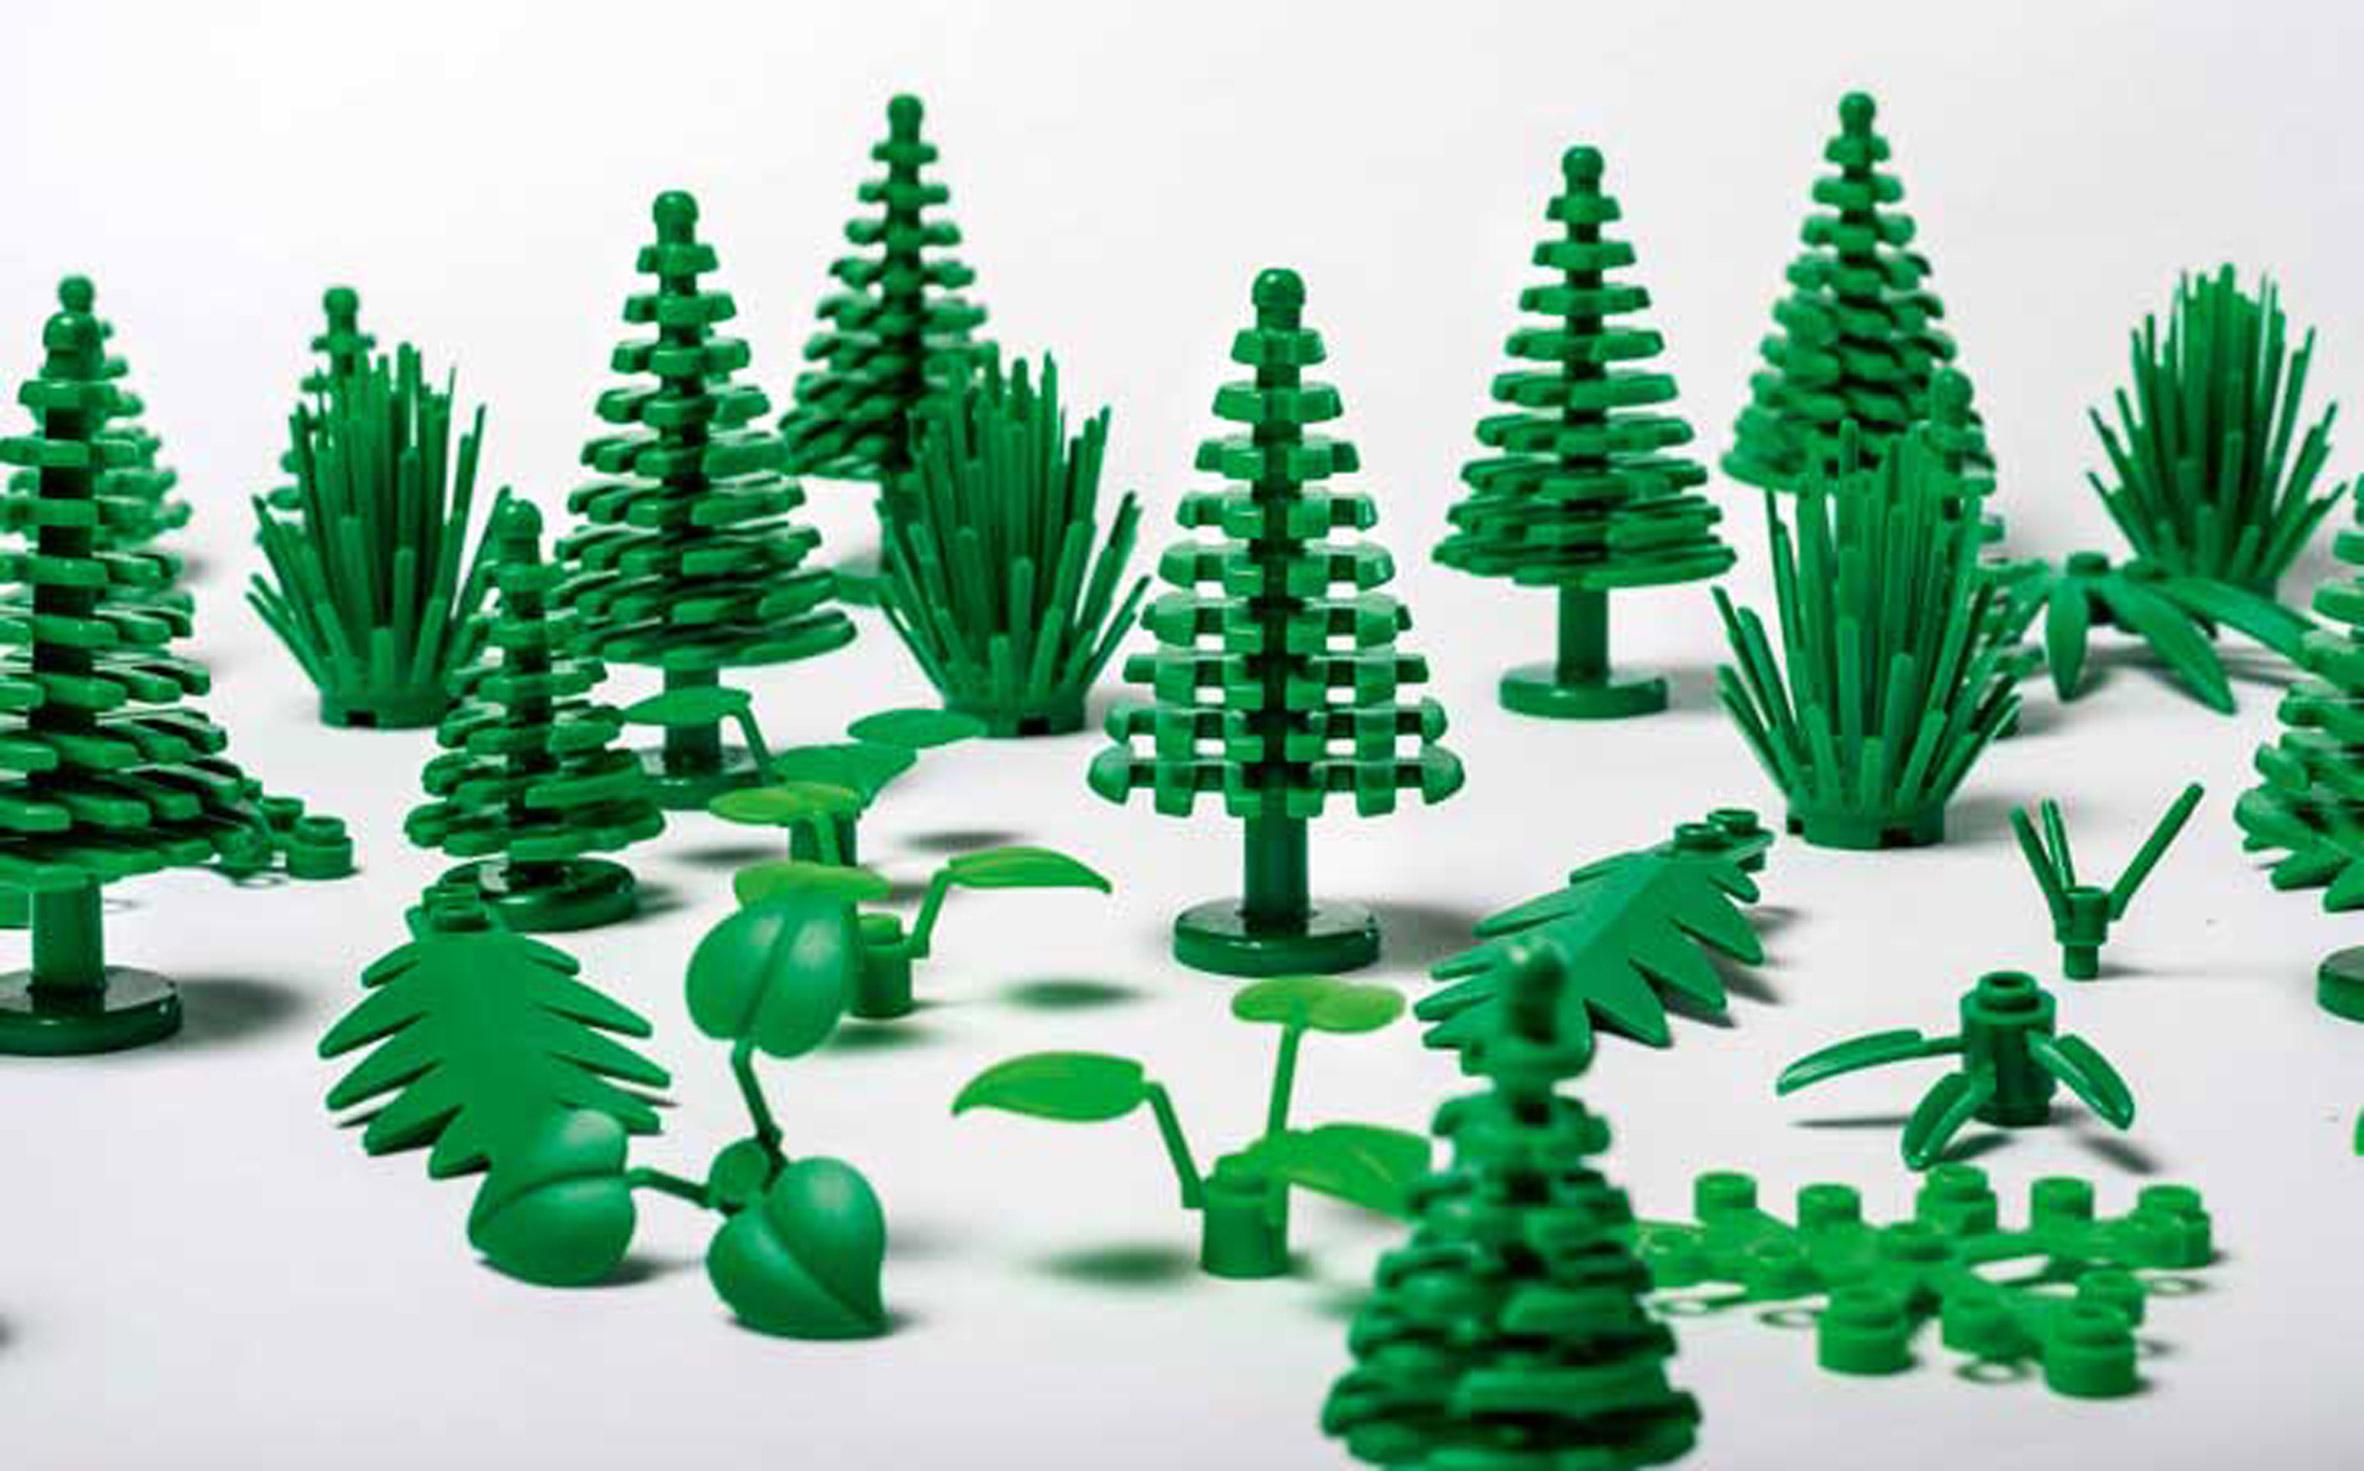 LEGO'nun sürdürülebilirlik programı